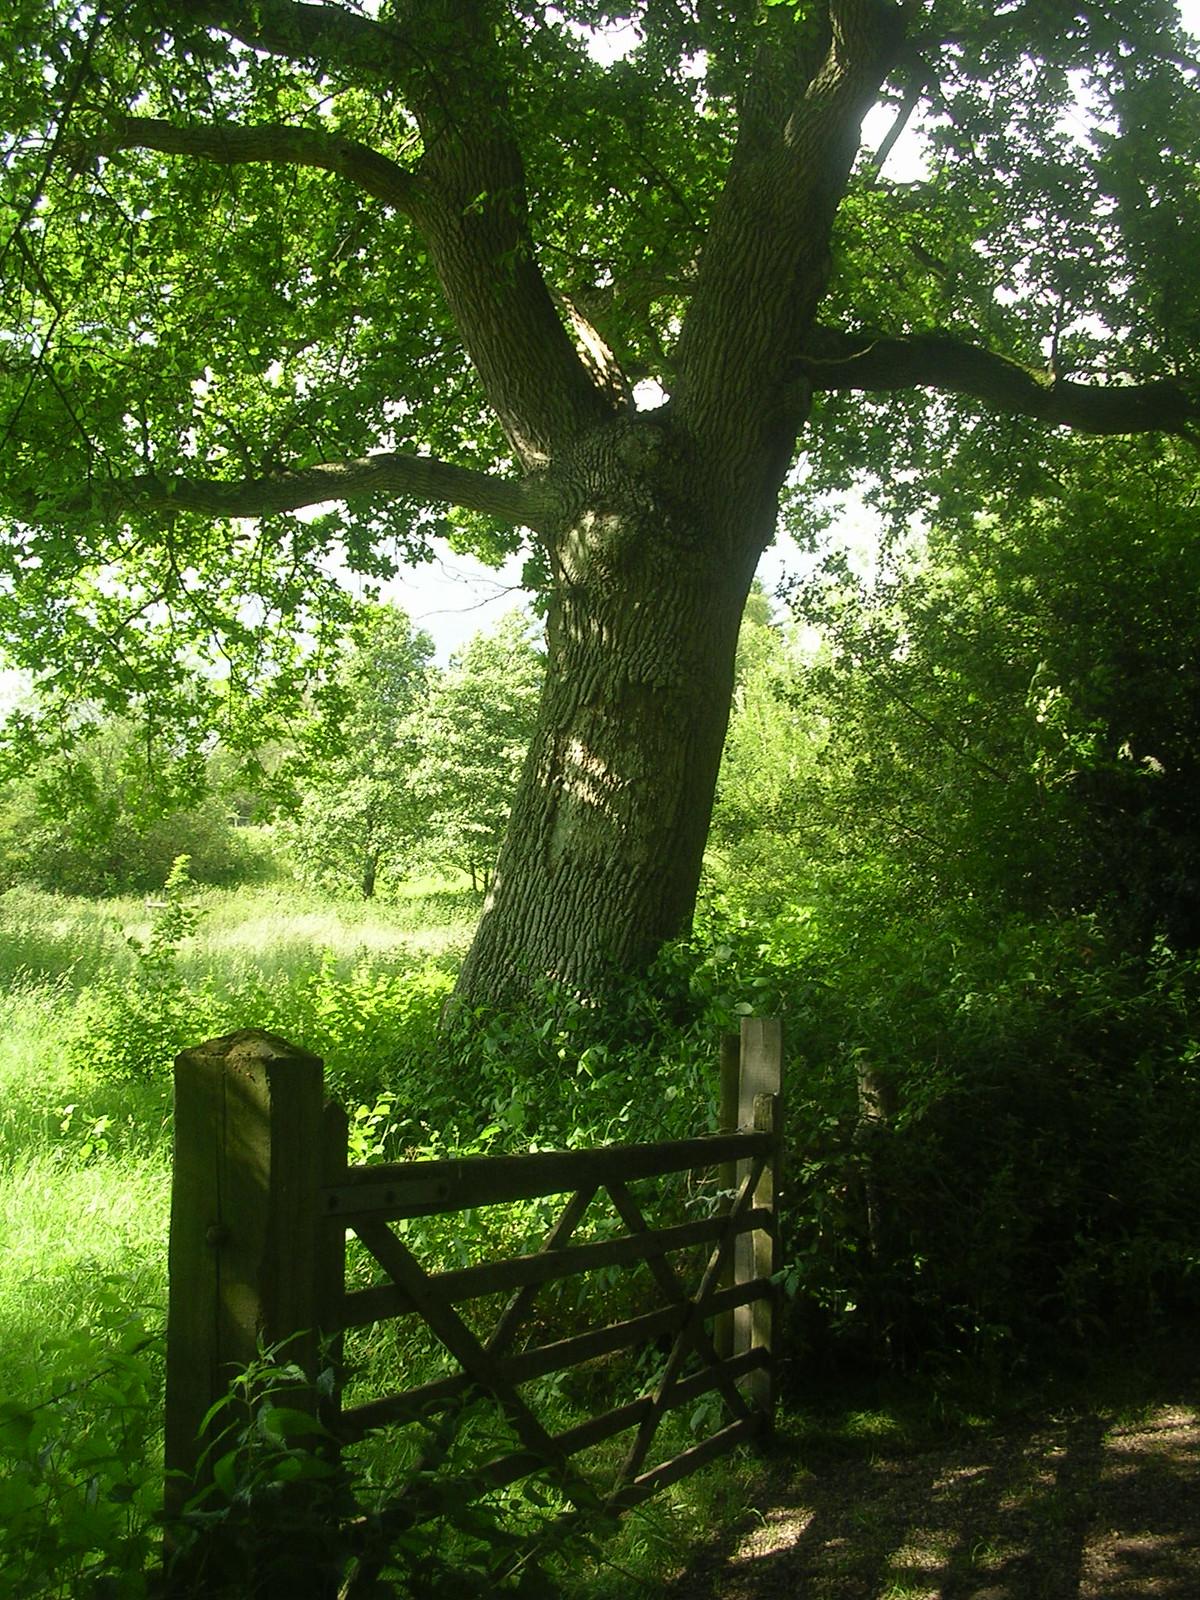 Scene Two Ashurst to Hartfield